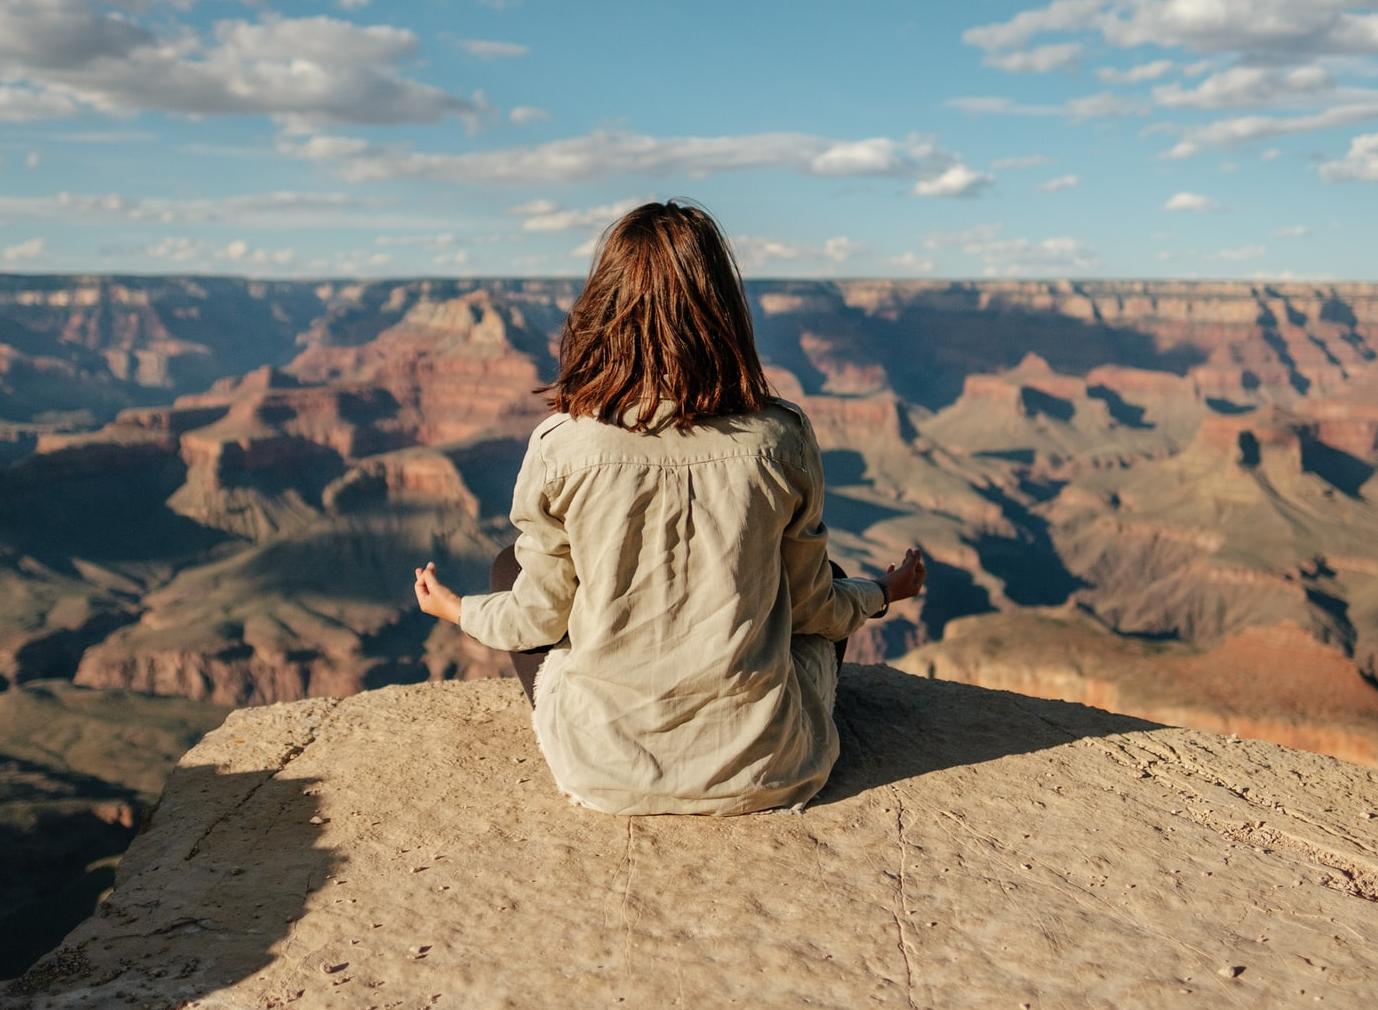 La conciencia plena: ¿cómo puede beneficiar la salud y cómo integrarla en tu vida diaria?